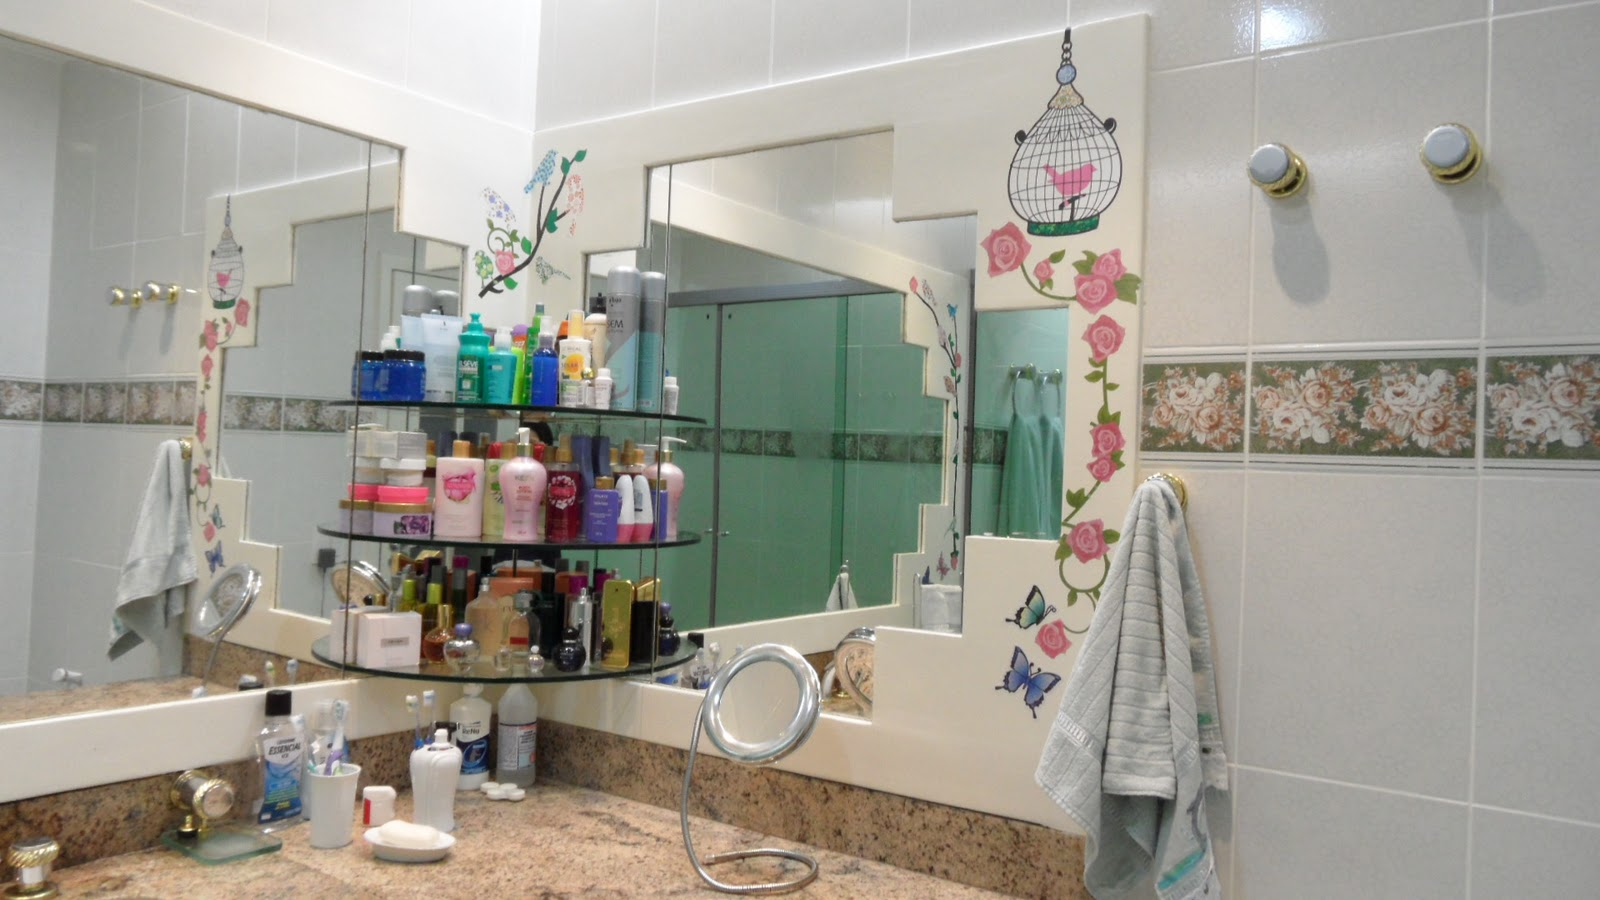 banheiro que tinha uma moldura larga branca foi decorado com flores  #2F3F77 1600x900 Banheiro Com Azulejo Decorado